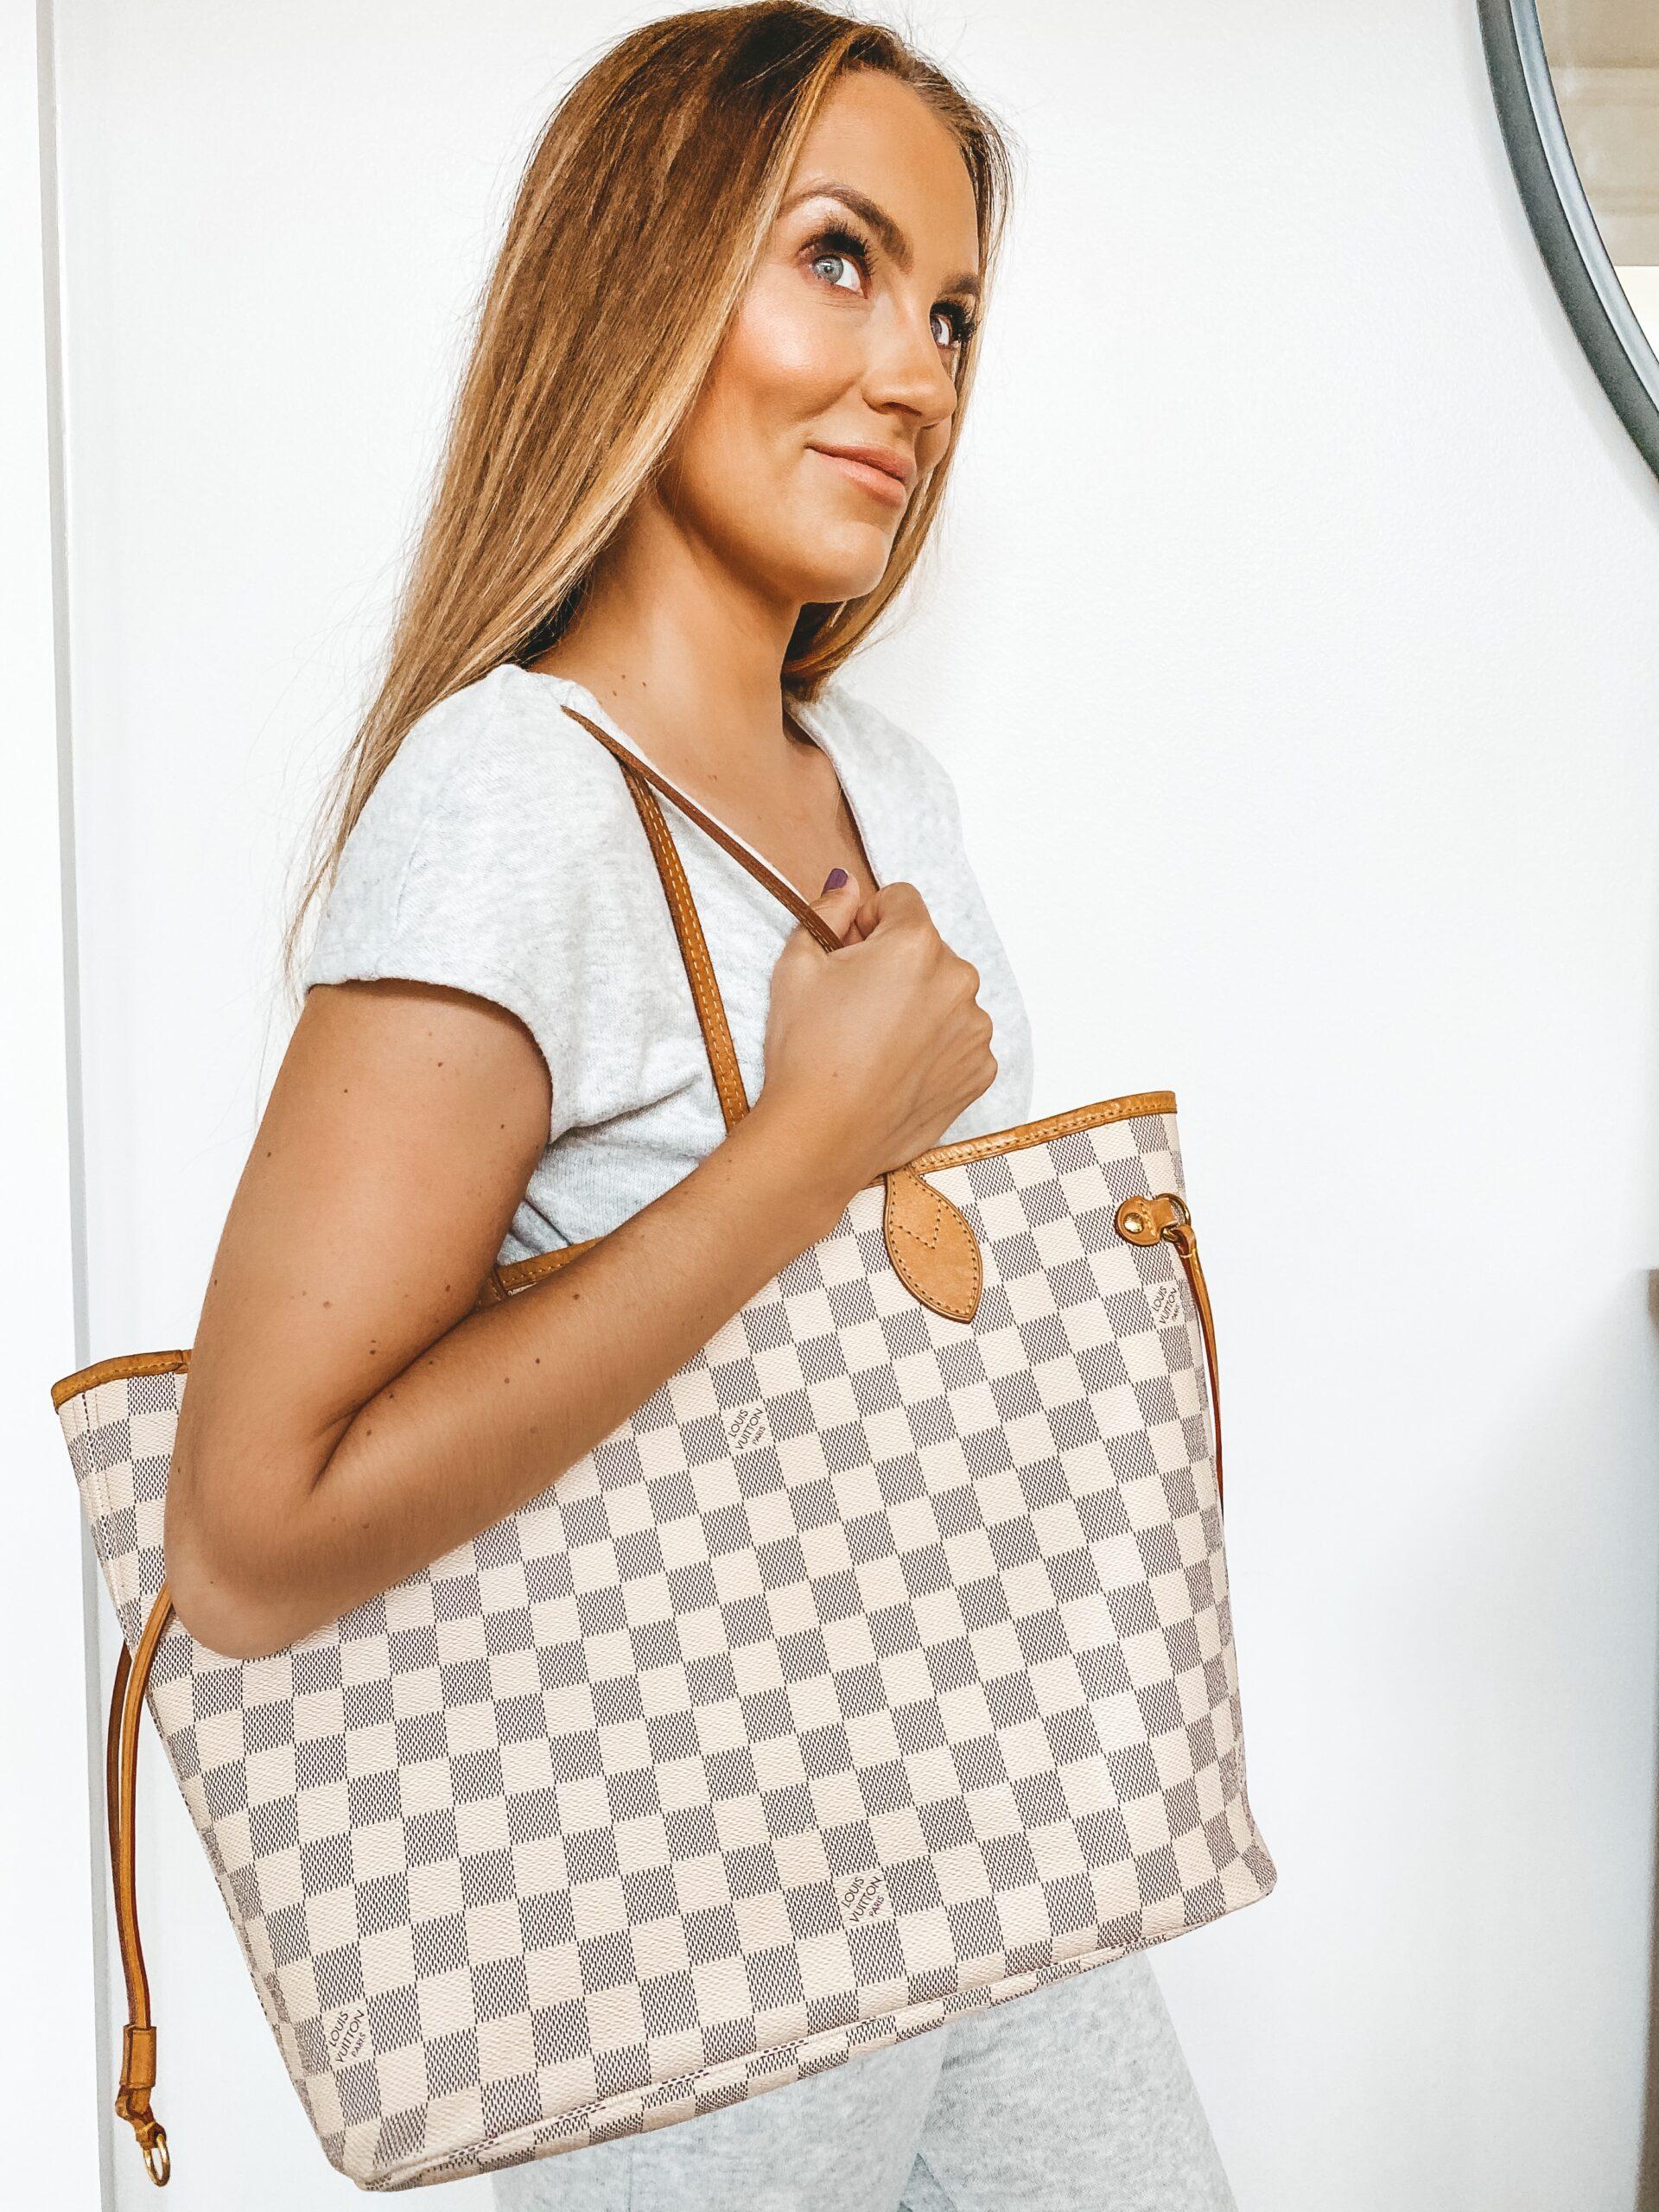 $1500 Louis Vuitton Bag vs $50 Walmart Dupe